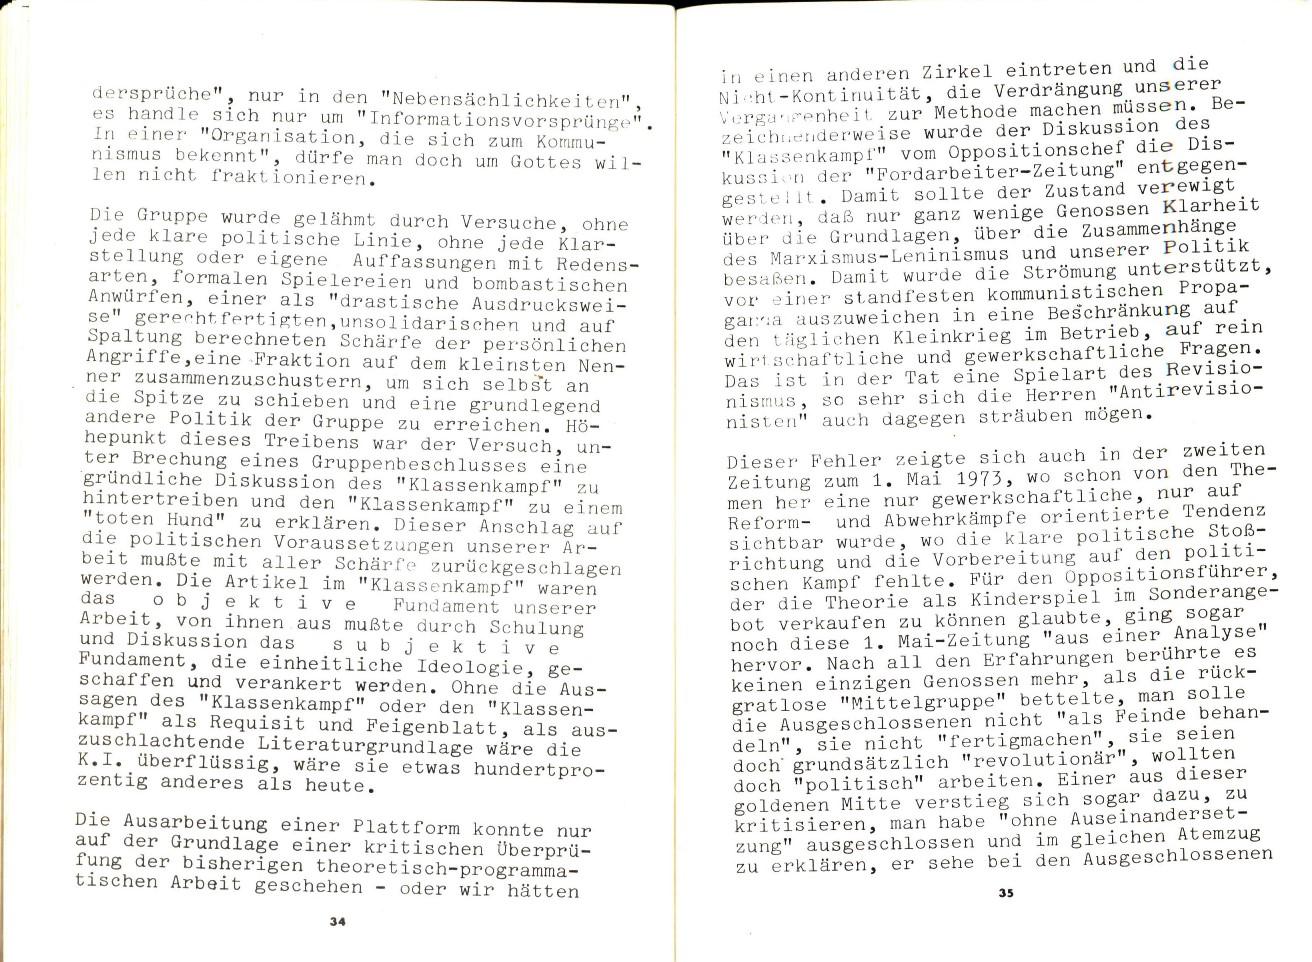 Koeln_KI_1974_Kleinbuergerei_19